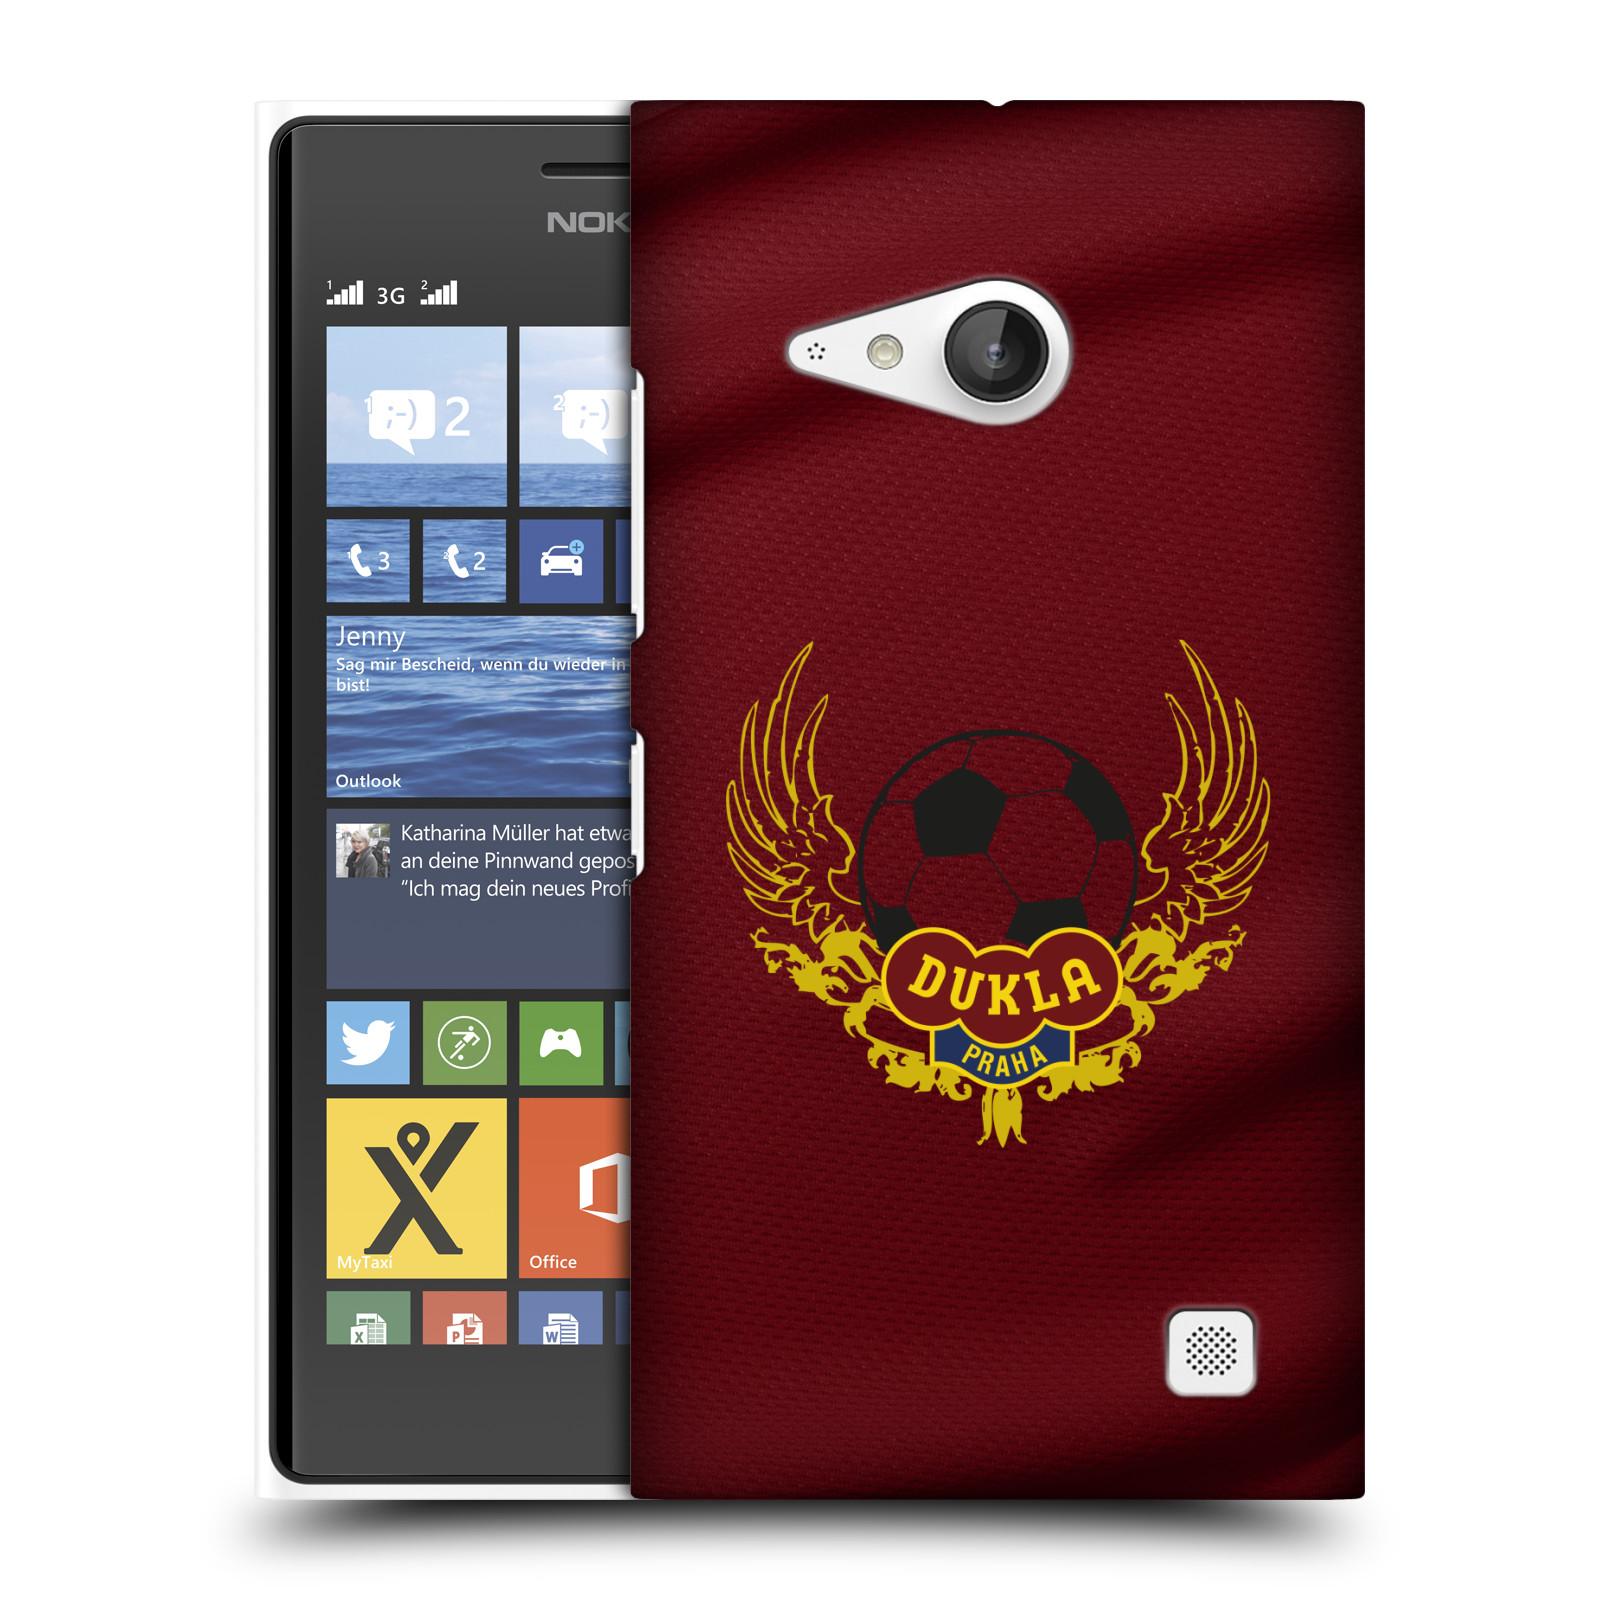 Plastové pouzdro na mobil Nokia Lumia 730 Dual SIM - FK Dukla Praha - Okřídlené logo (Plastový kryt či obal na mobilní telefon s oficiálním motivem FK Dukla Praha - Okřídlené logo pro Nokia Lumia 730 Dual SIM)